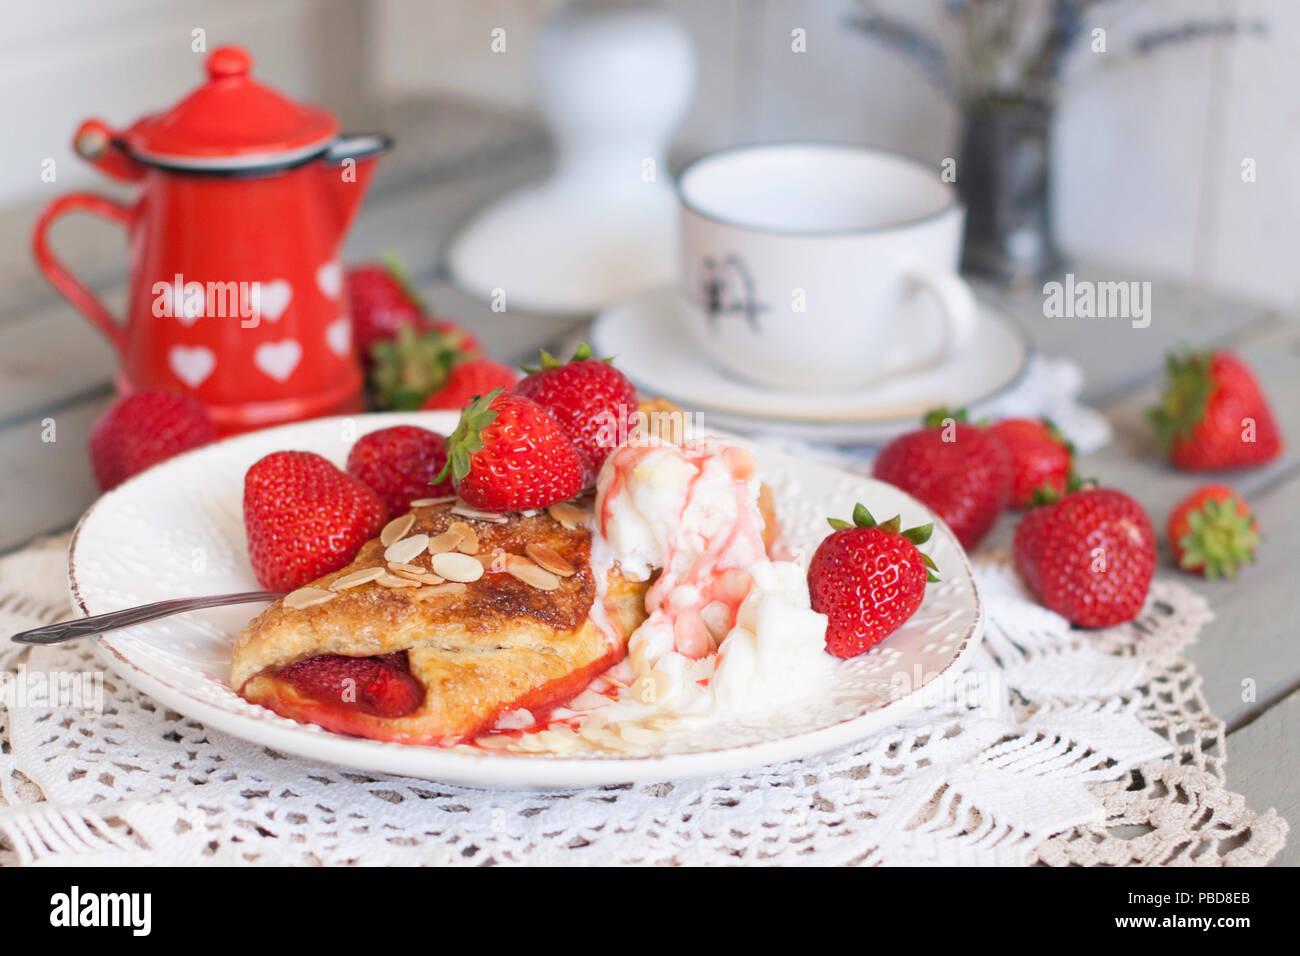 Des pâtisseries sucrées pour le petit-déjeuner. Avec le remplissage de fraises et de la crème glacée. Le café du matin. Pot à lait rouge. laitier. Une tasse de thé. petit déjeuner en famille. Photo en couleurs blanc Photo Stock